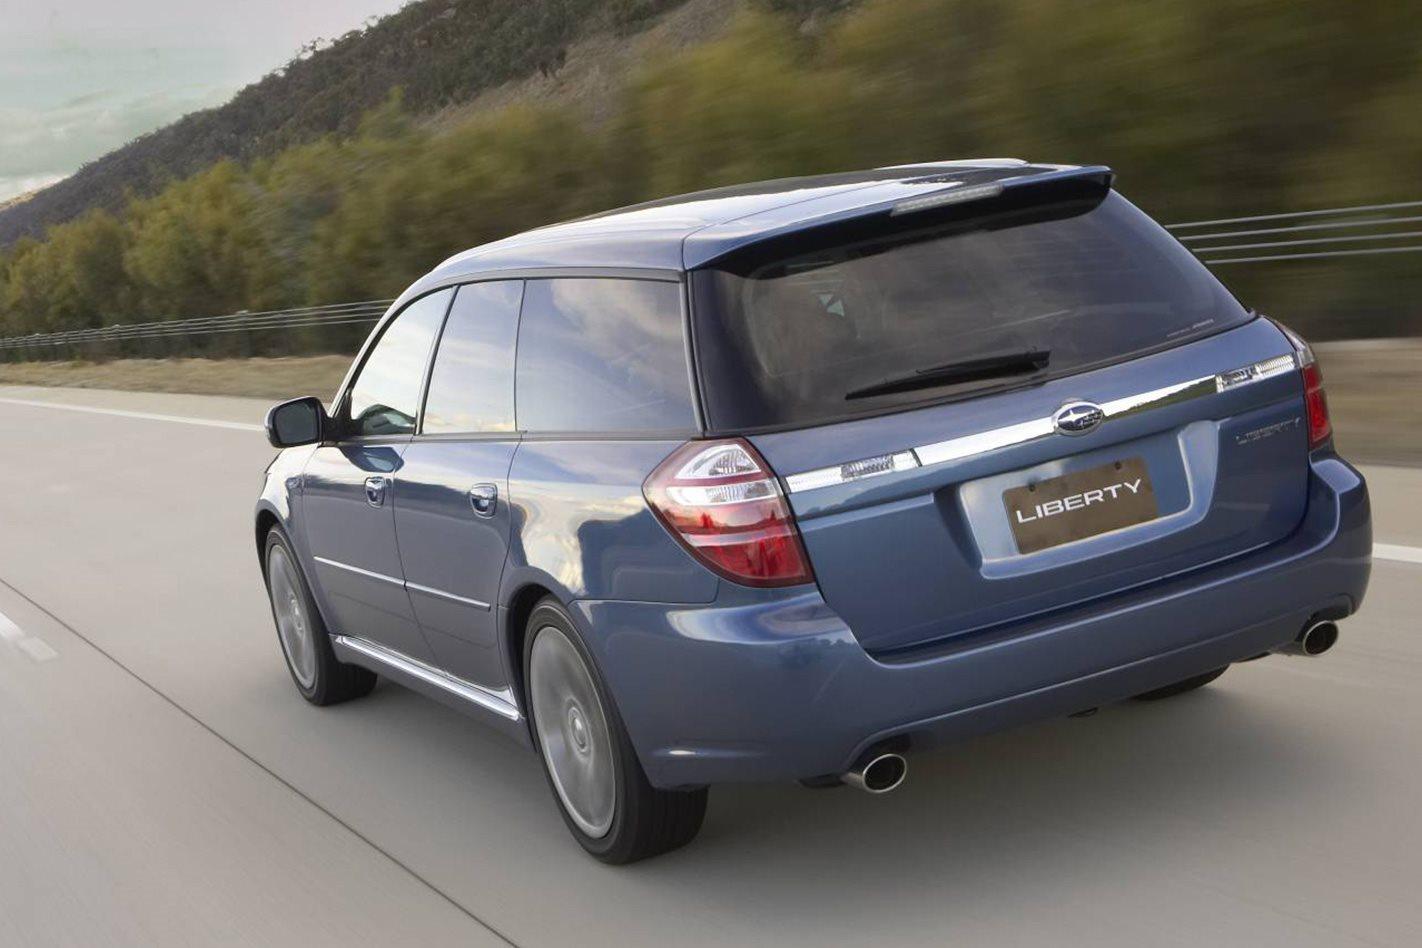 Subaru-Liberty.jpg